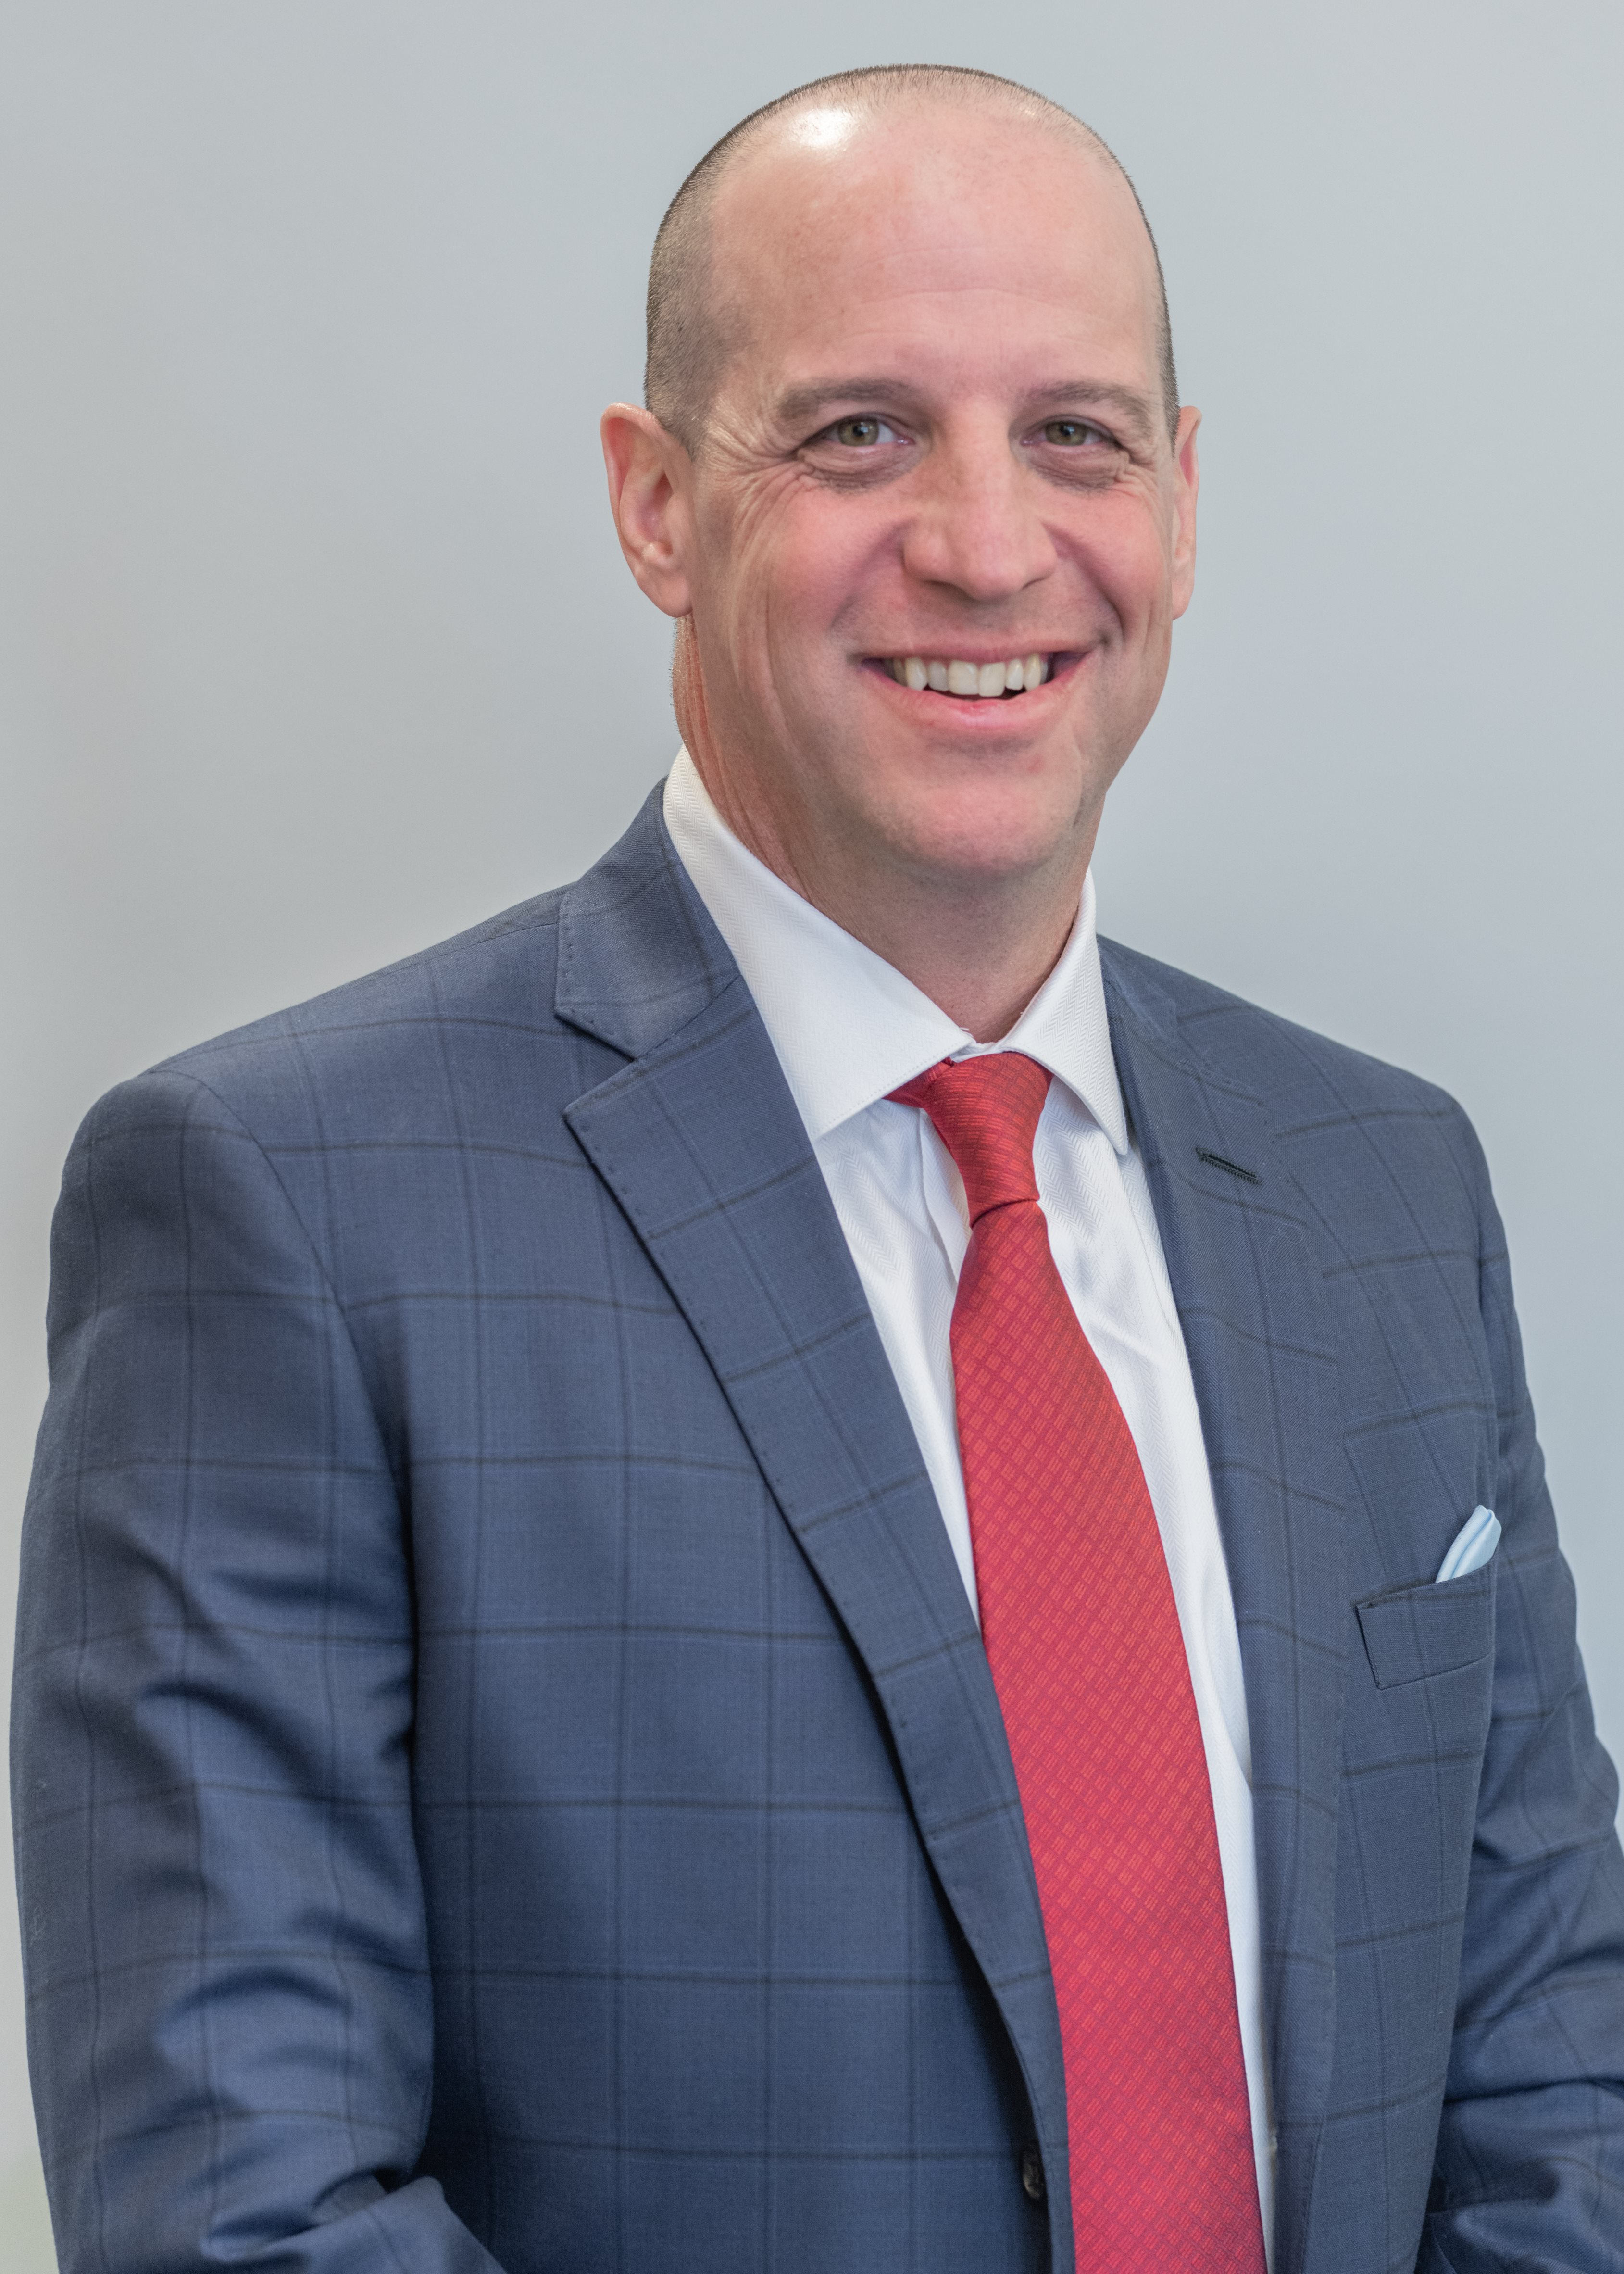 Daniel J. Najarian